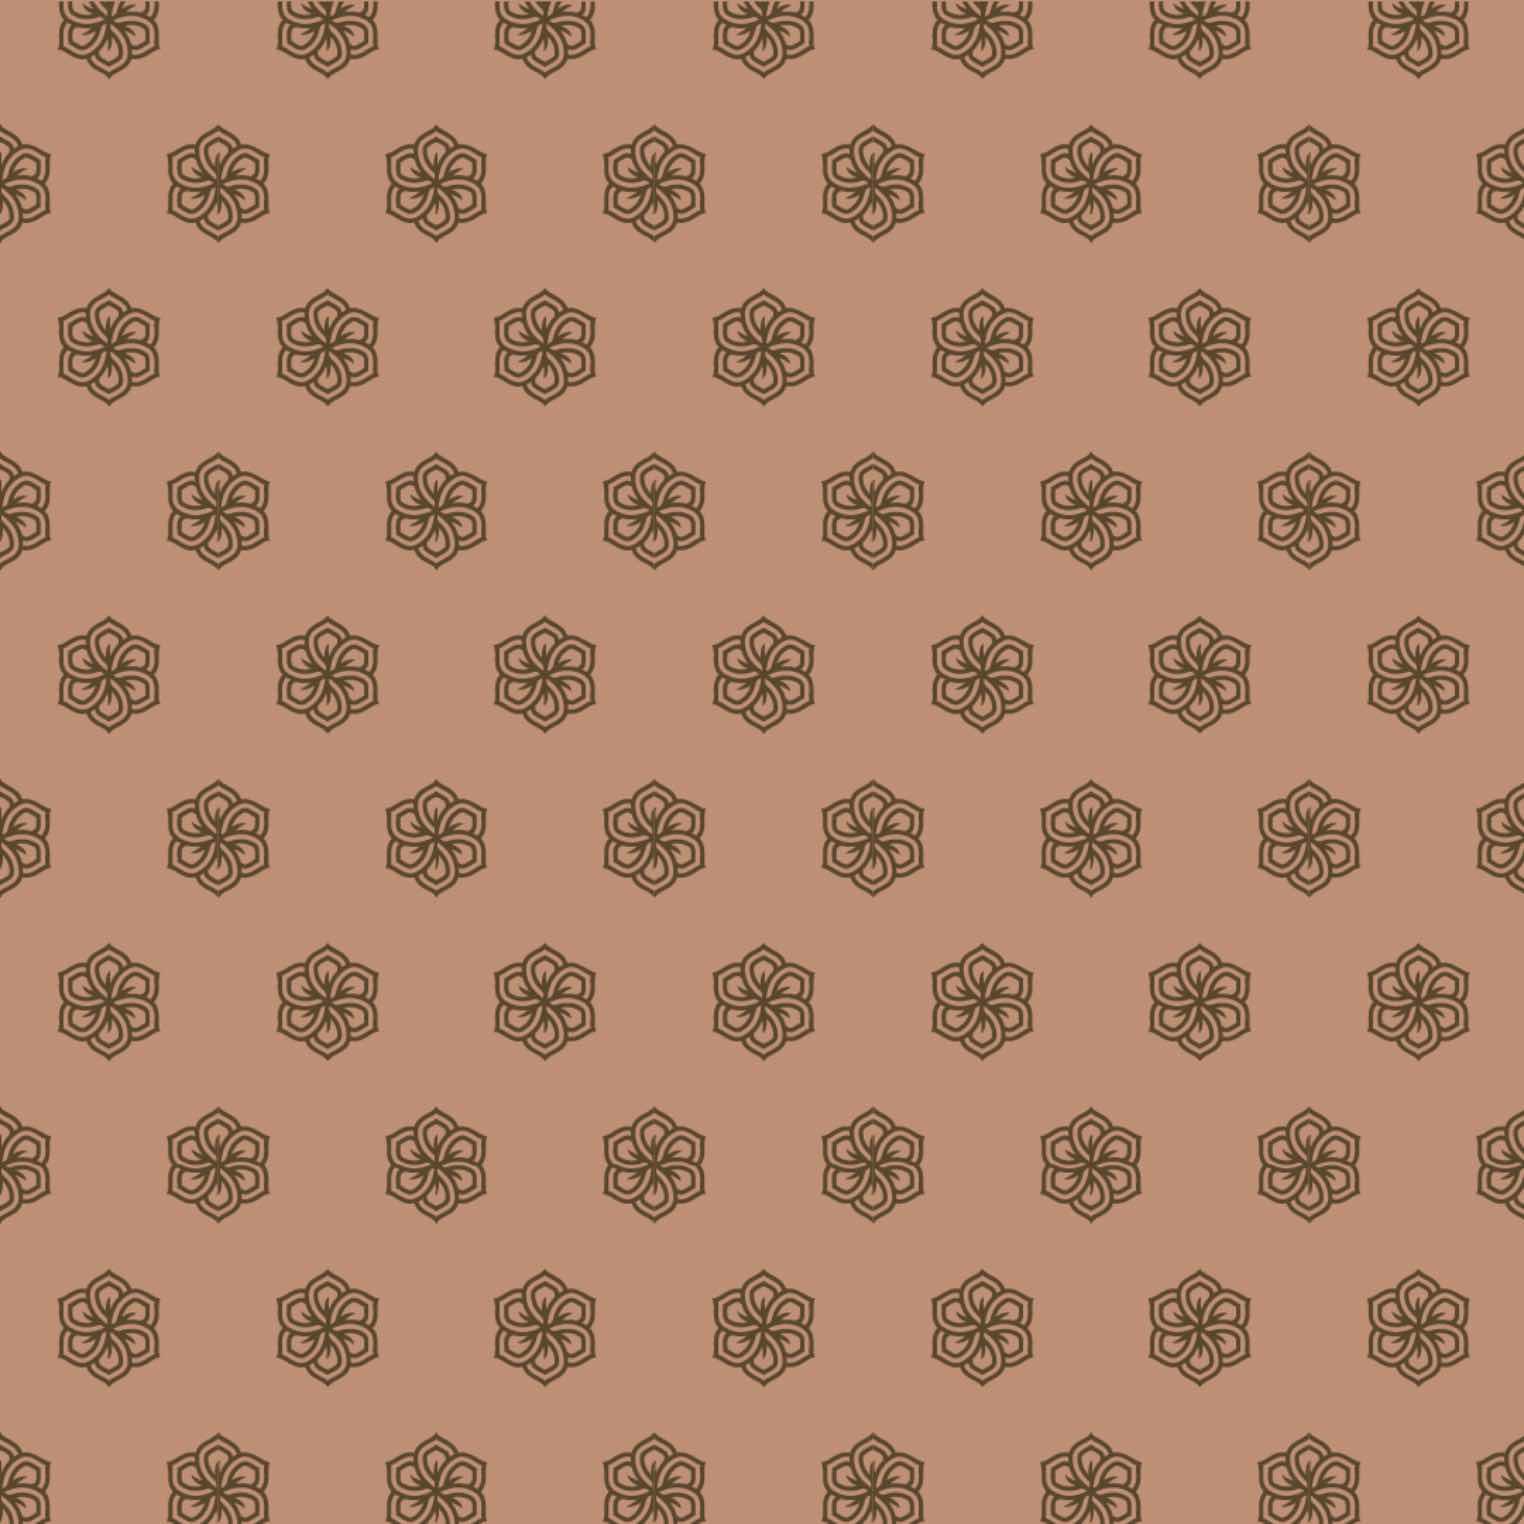 Rose icon pattern